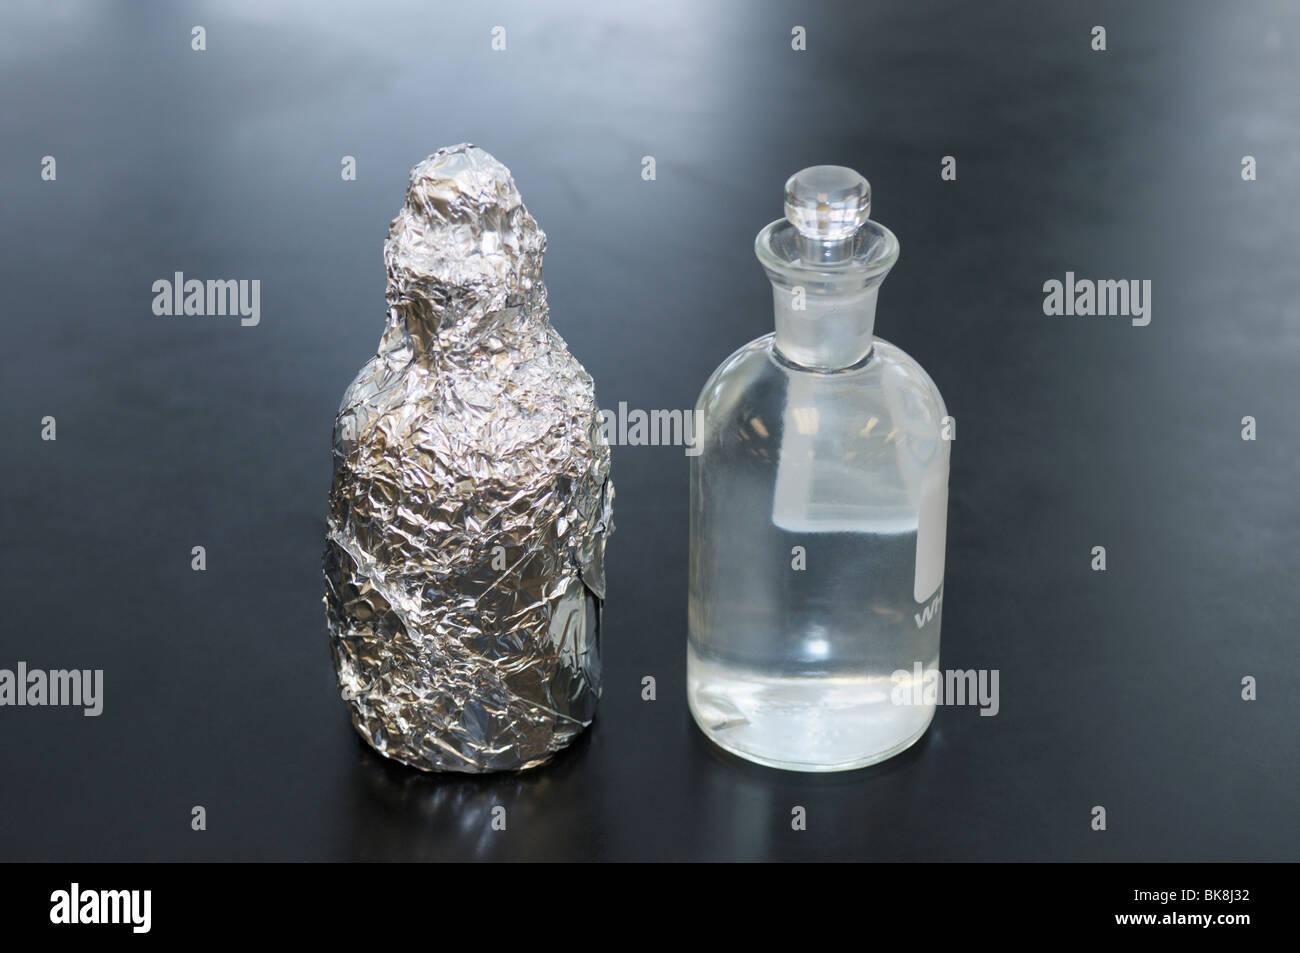 Luce/Buio di bottiglie per acquatiche primario studio di produttività. La quantità di ossigeno disciolto, Immagini Stock